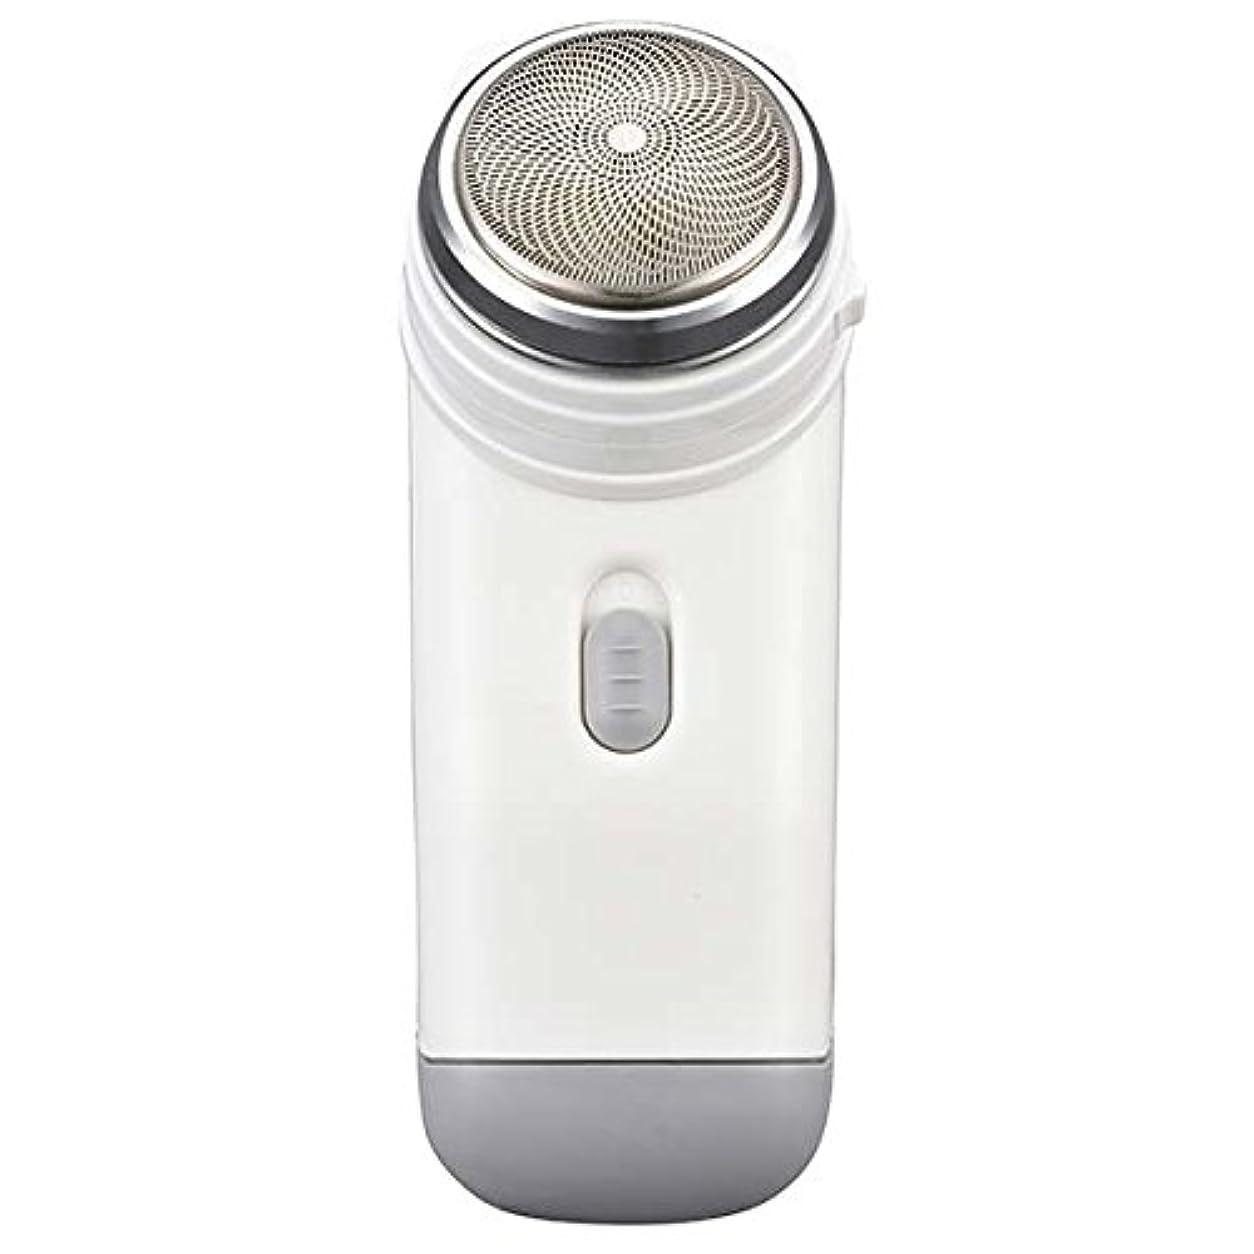 合理化蒸気ベジタリアンシェーバー ポケットシェーバー 携帯便利 静音回転式 電池式 メンズ もみあげ対応 回転式ポケットシェーバー キワゾリ刃付き 高性能シェーバー 髭剃り ひげそり 男性用 プレゼントにも最適